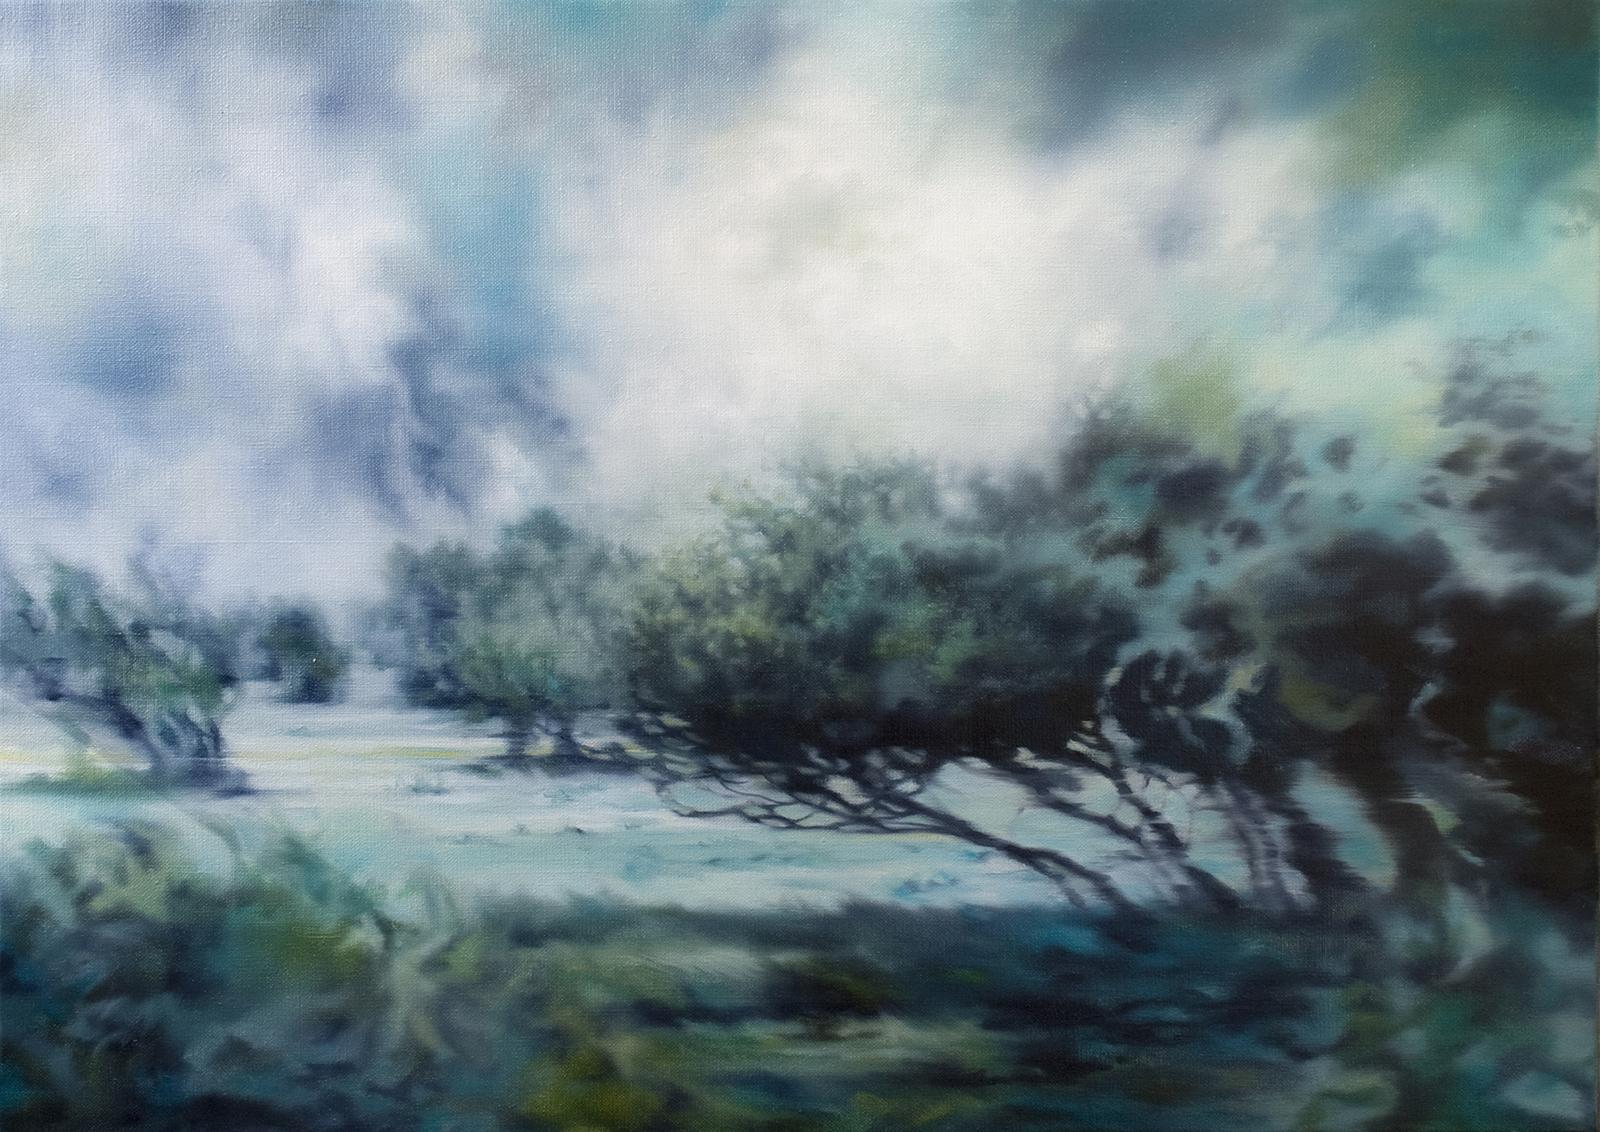 Weidelandschaft 2012, 50 x 70 cm, Öl auf Leinwand, Pasture Landscape 2012